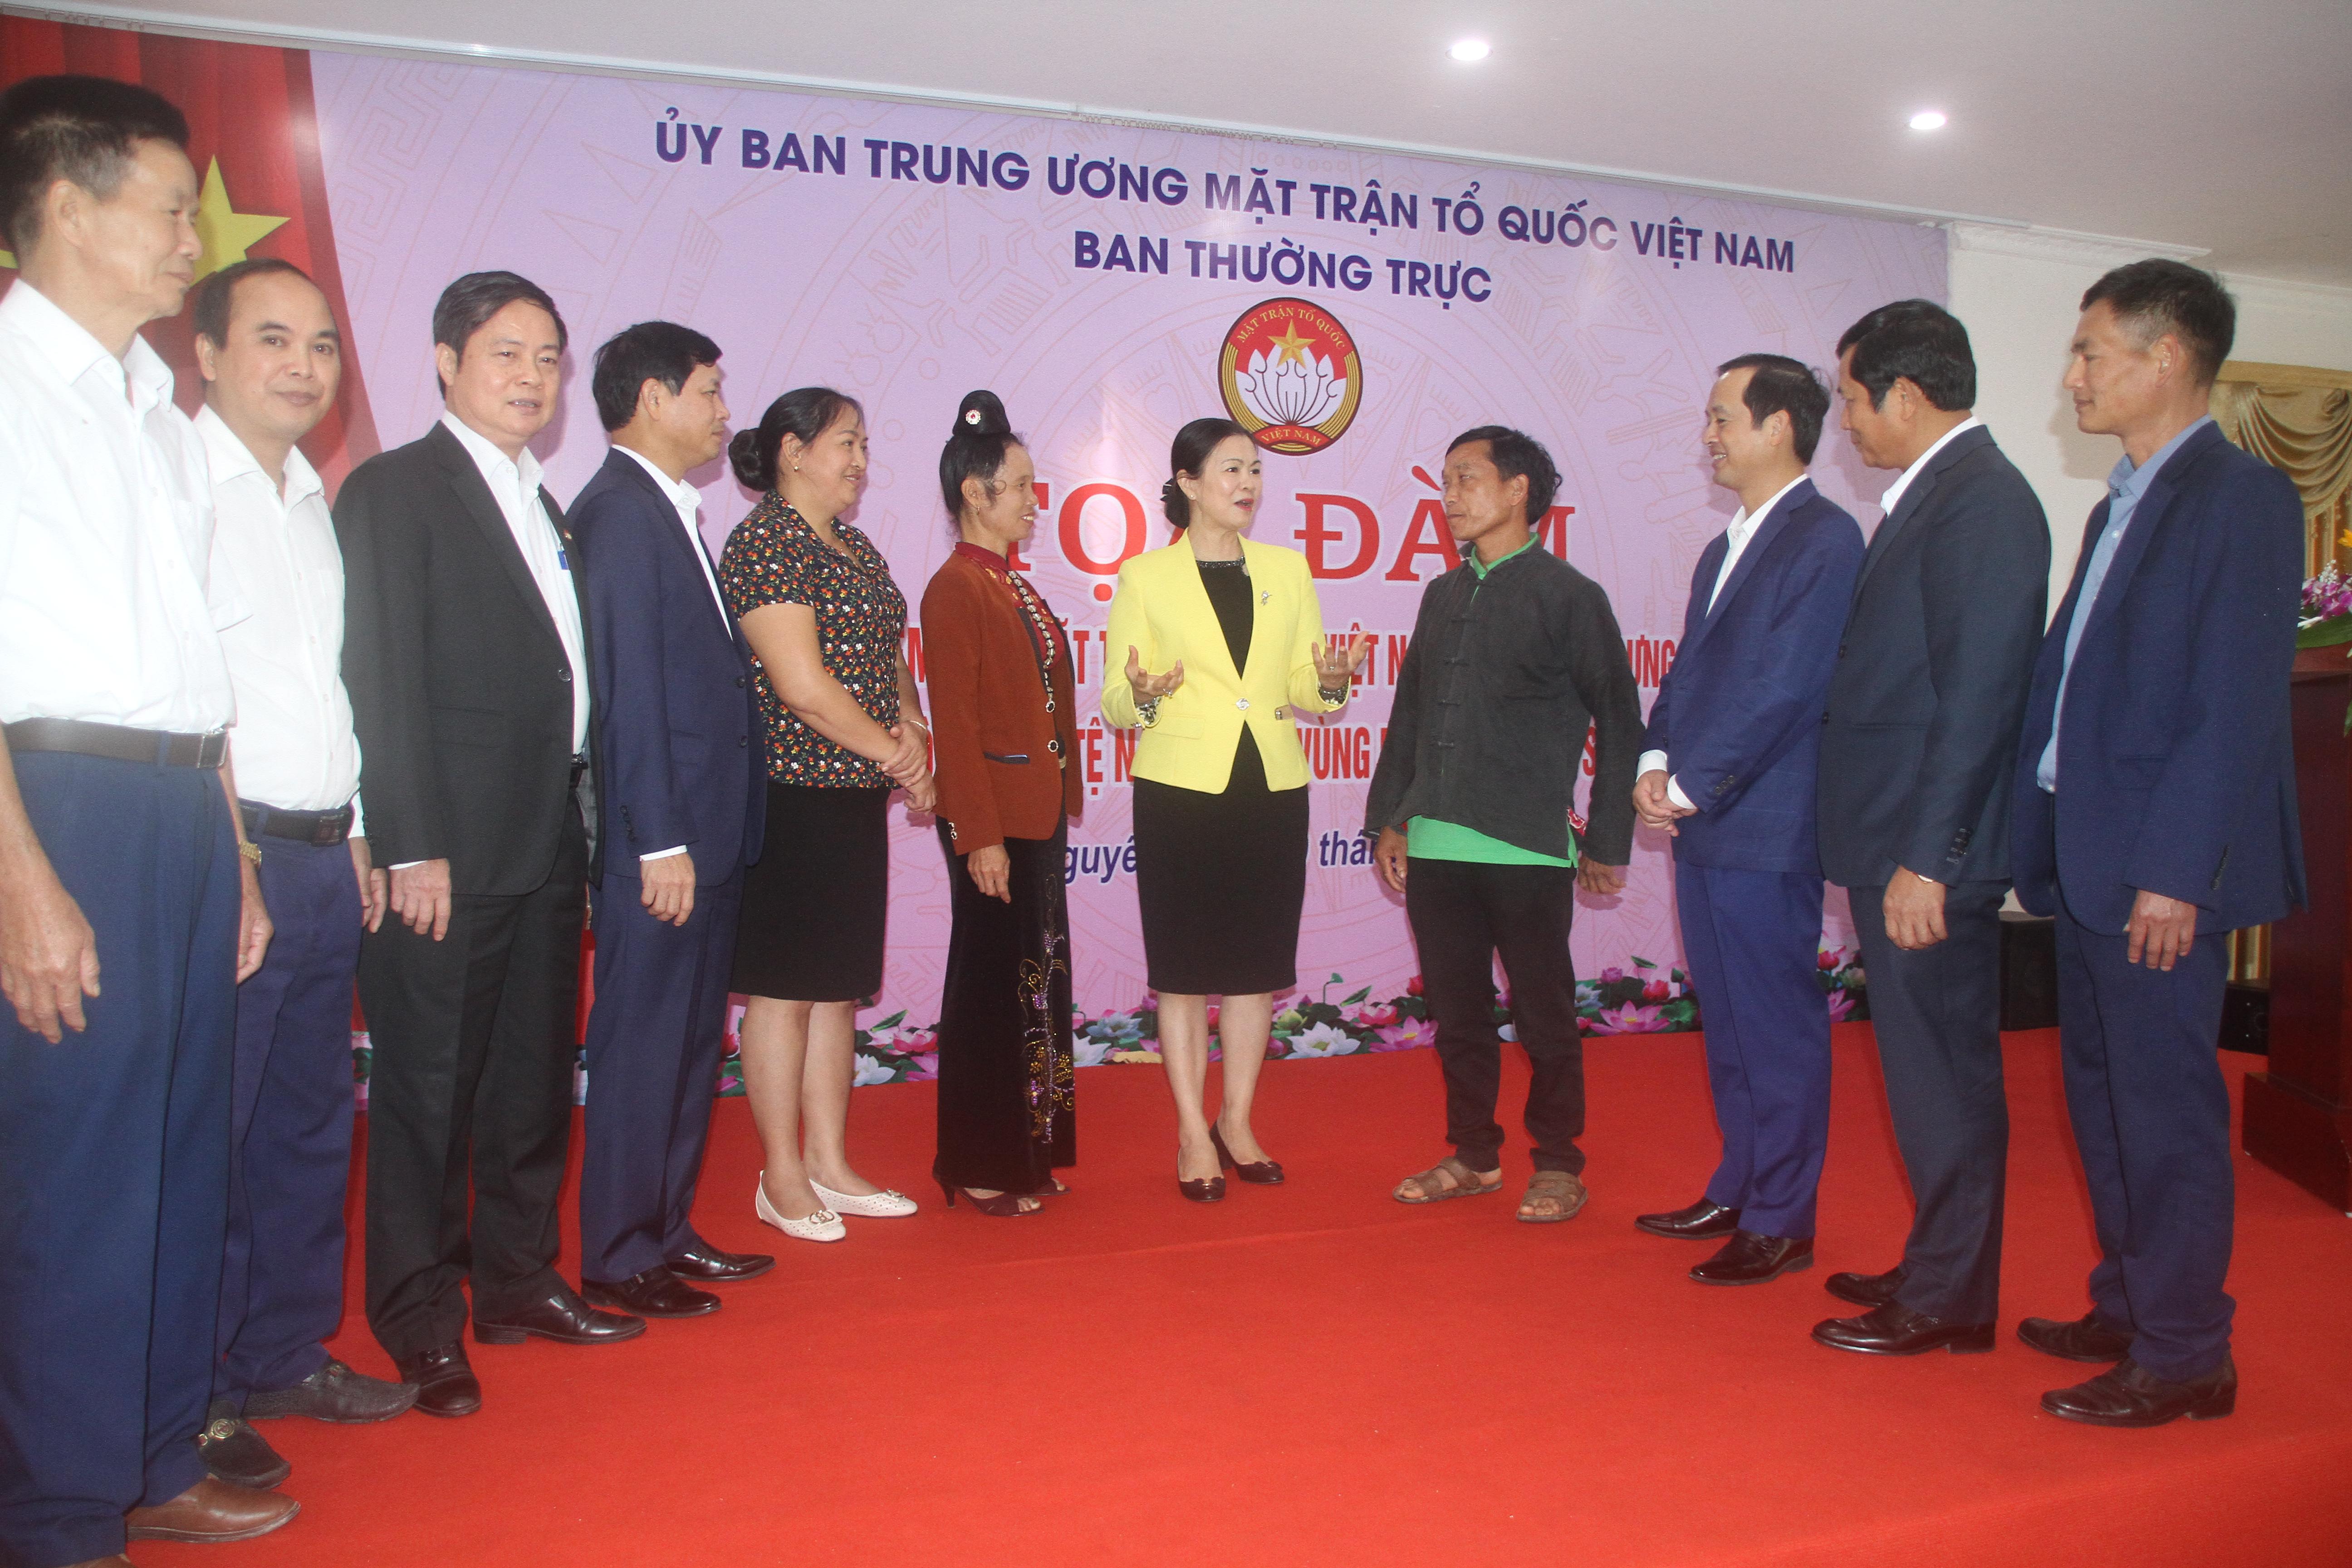 Phó Chủ tịch Trương Thị Ngọc Ánh và lãnh đạo tỉnh Thái Nguyên trao đổi những kinh nghiệm, cách làm hay với các đại biểu về tham dự buổi Toạ đàm. Ảnh: Vũ Công.